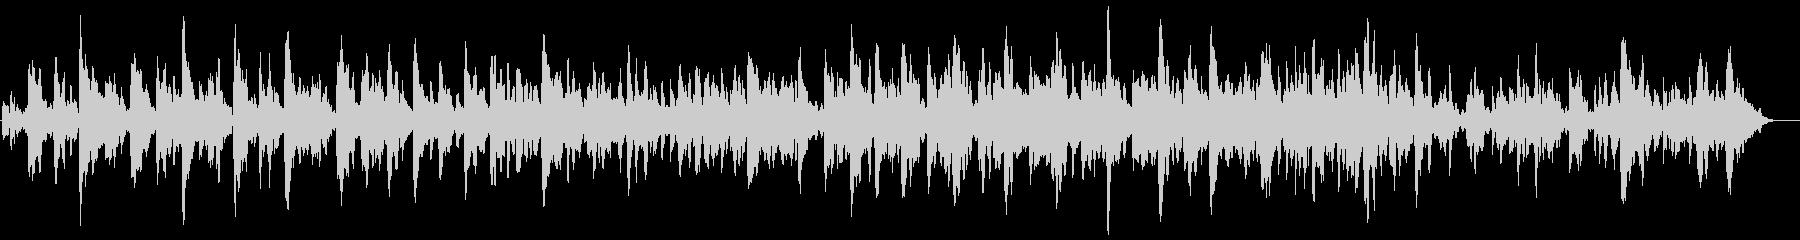 ベルのキラキラな曲の未再生の波形